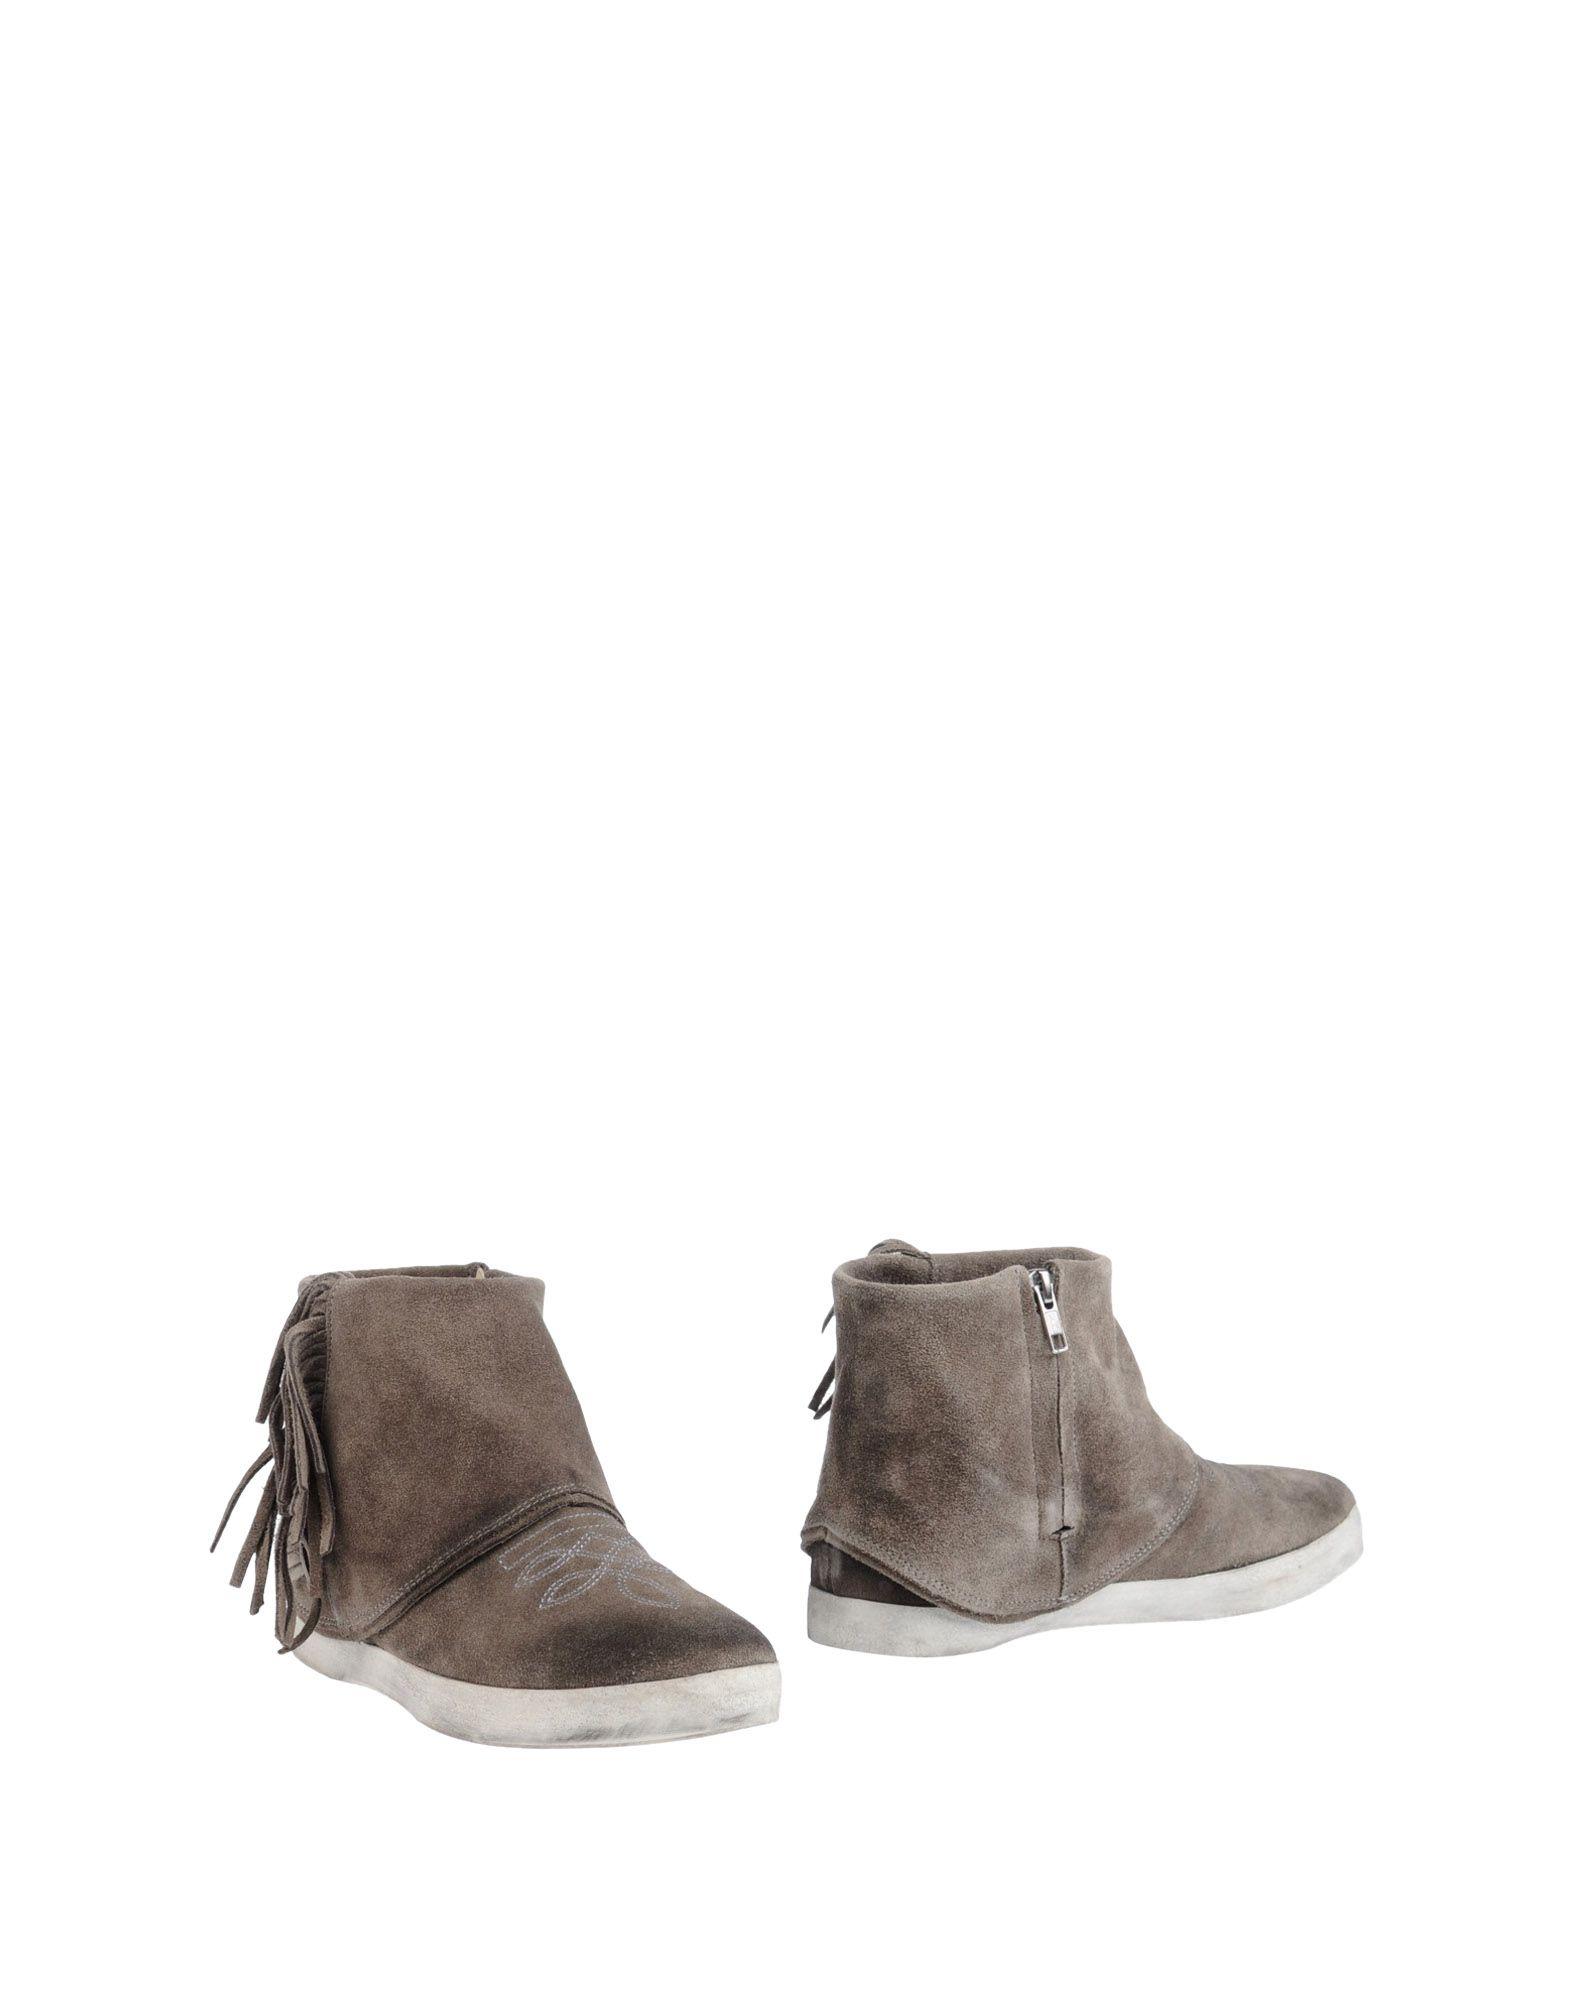 Catarina Martins Stiefelette Damen  11258392GB Neue Schuhe